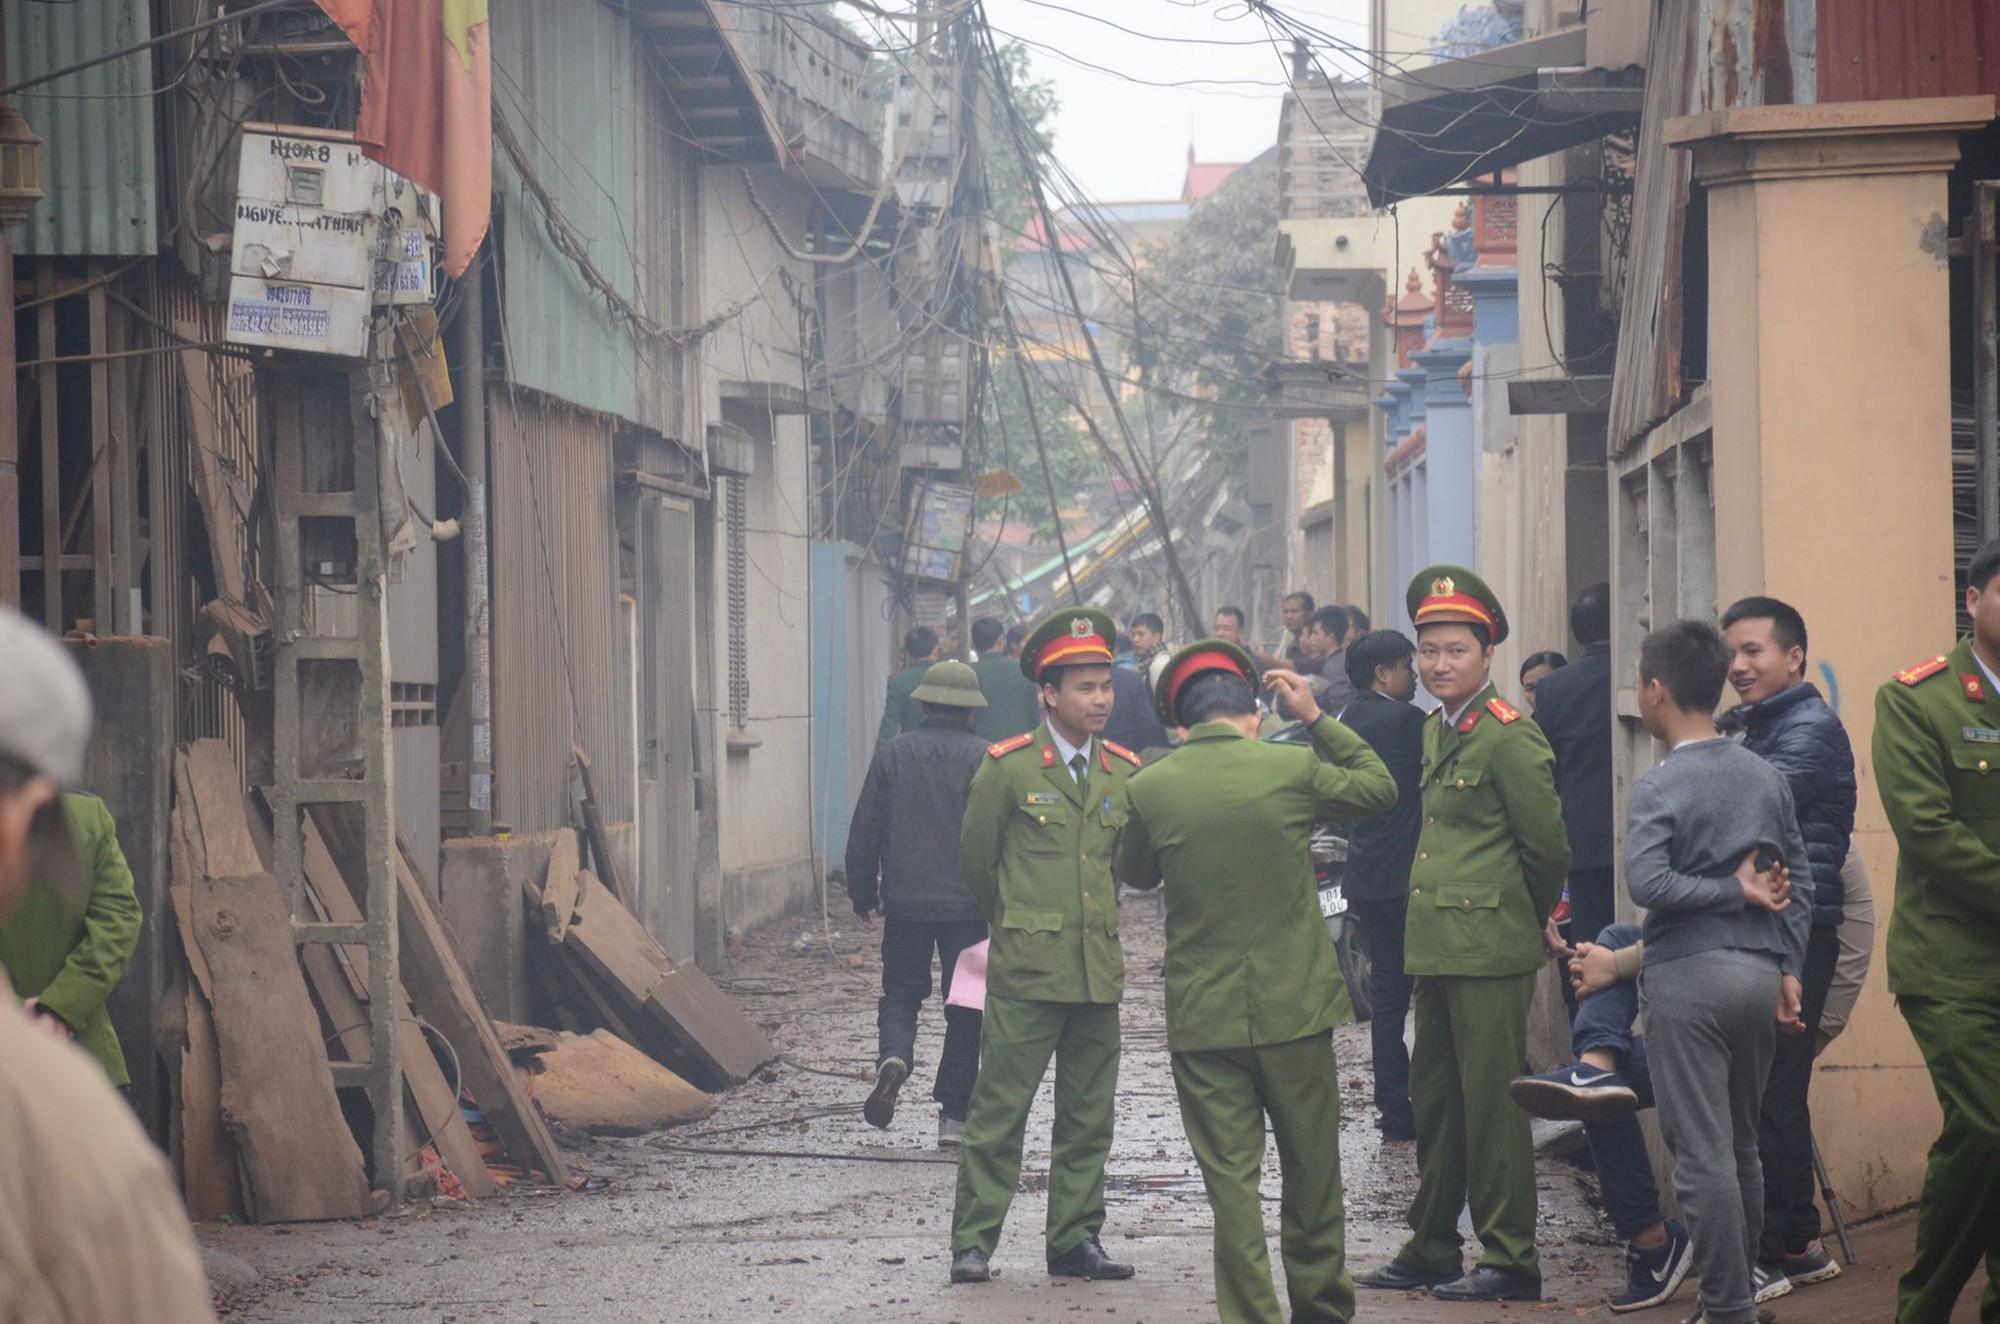 Khởi tố, bắt tạm giam chủ kho phế liệu phát nổ vì tội tàng trữ 7 tấn vũ khí quân dụng - Ảnh 1.